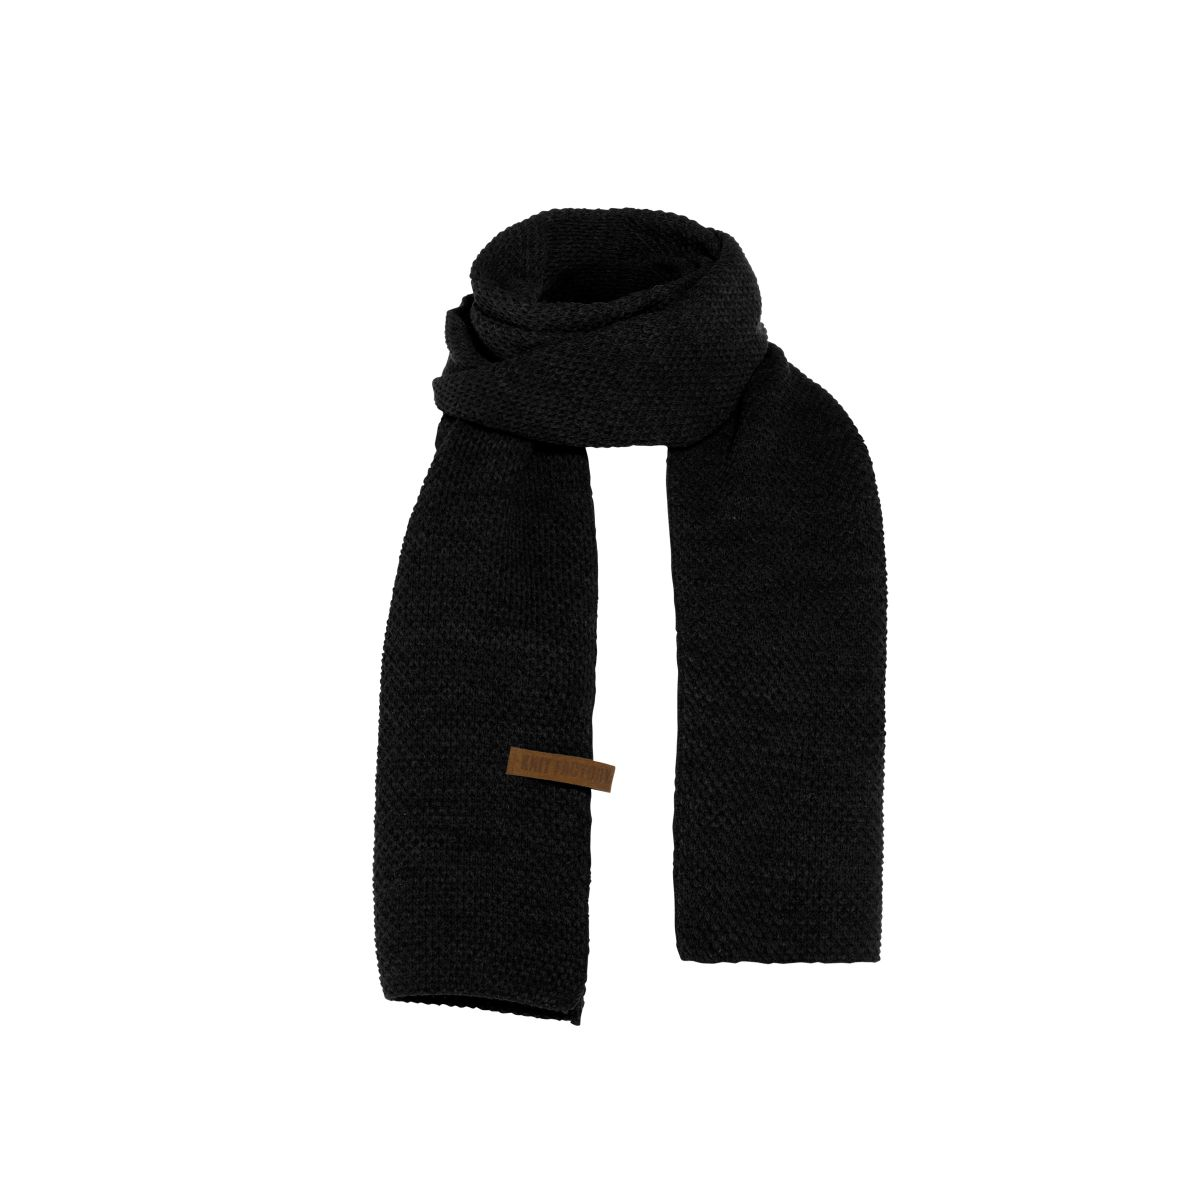 jazz scarf black